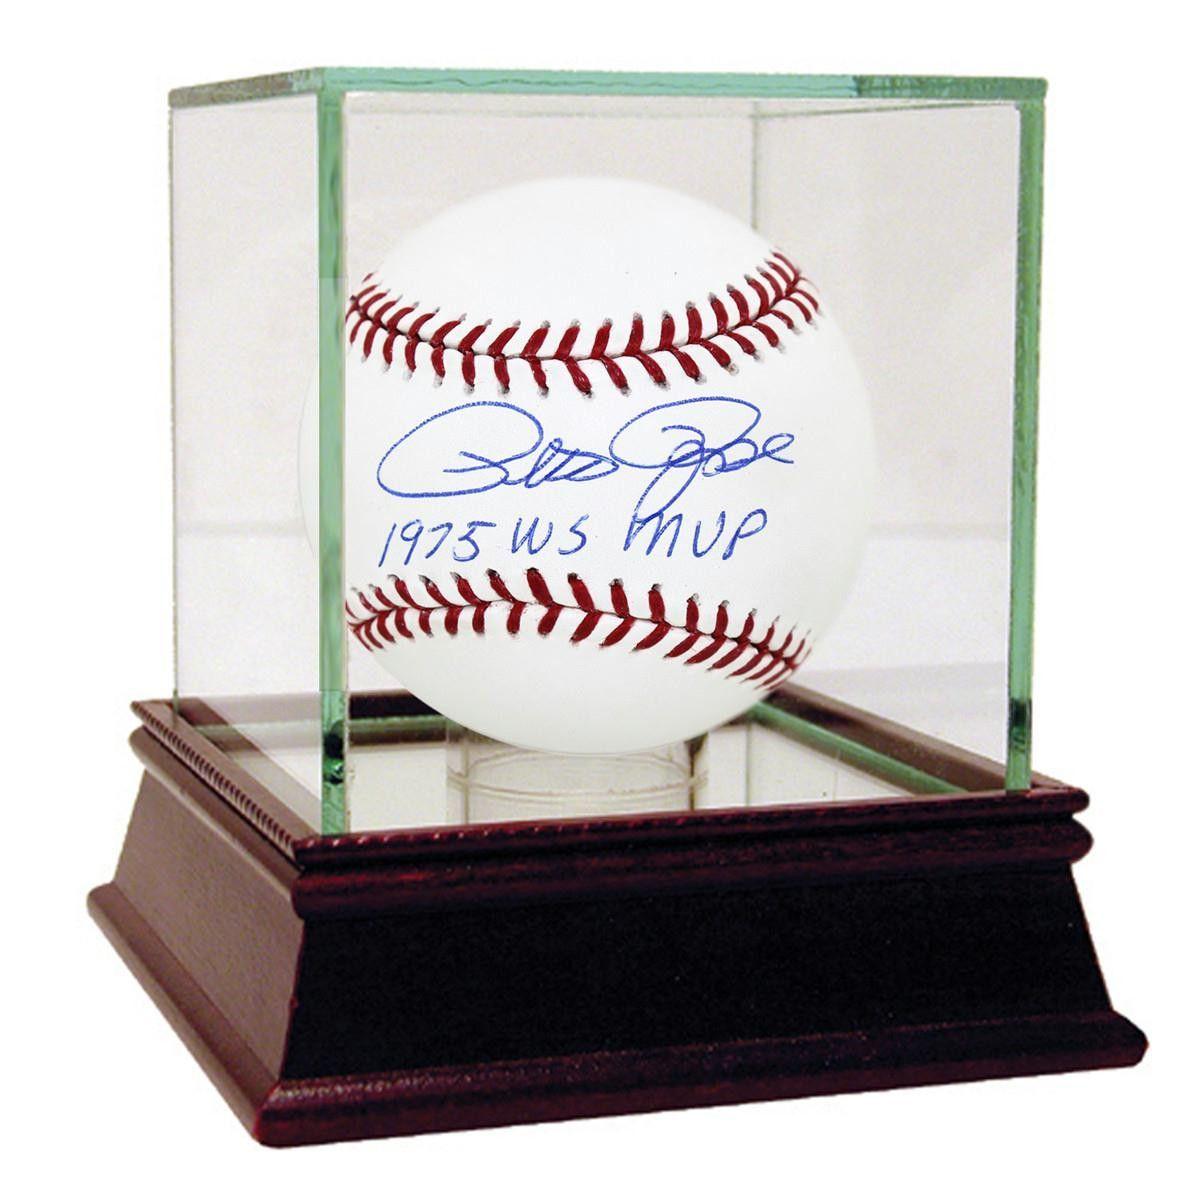 Pete Rose Signed MLB Baseball w 1975 WS MVP insc